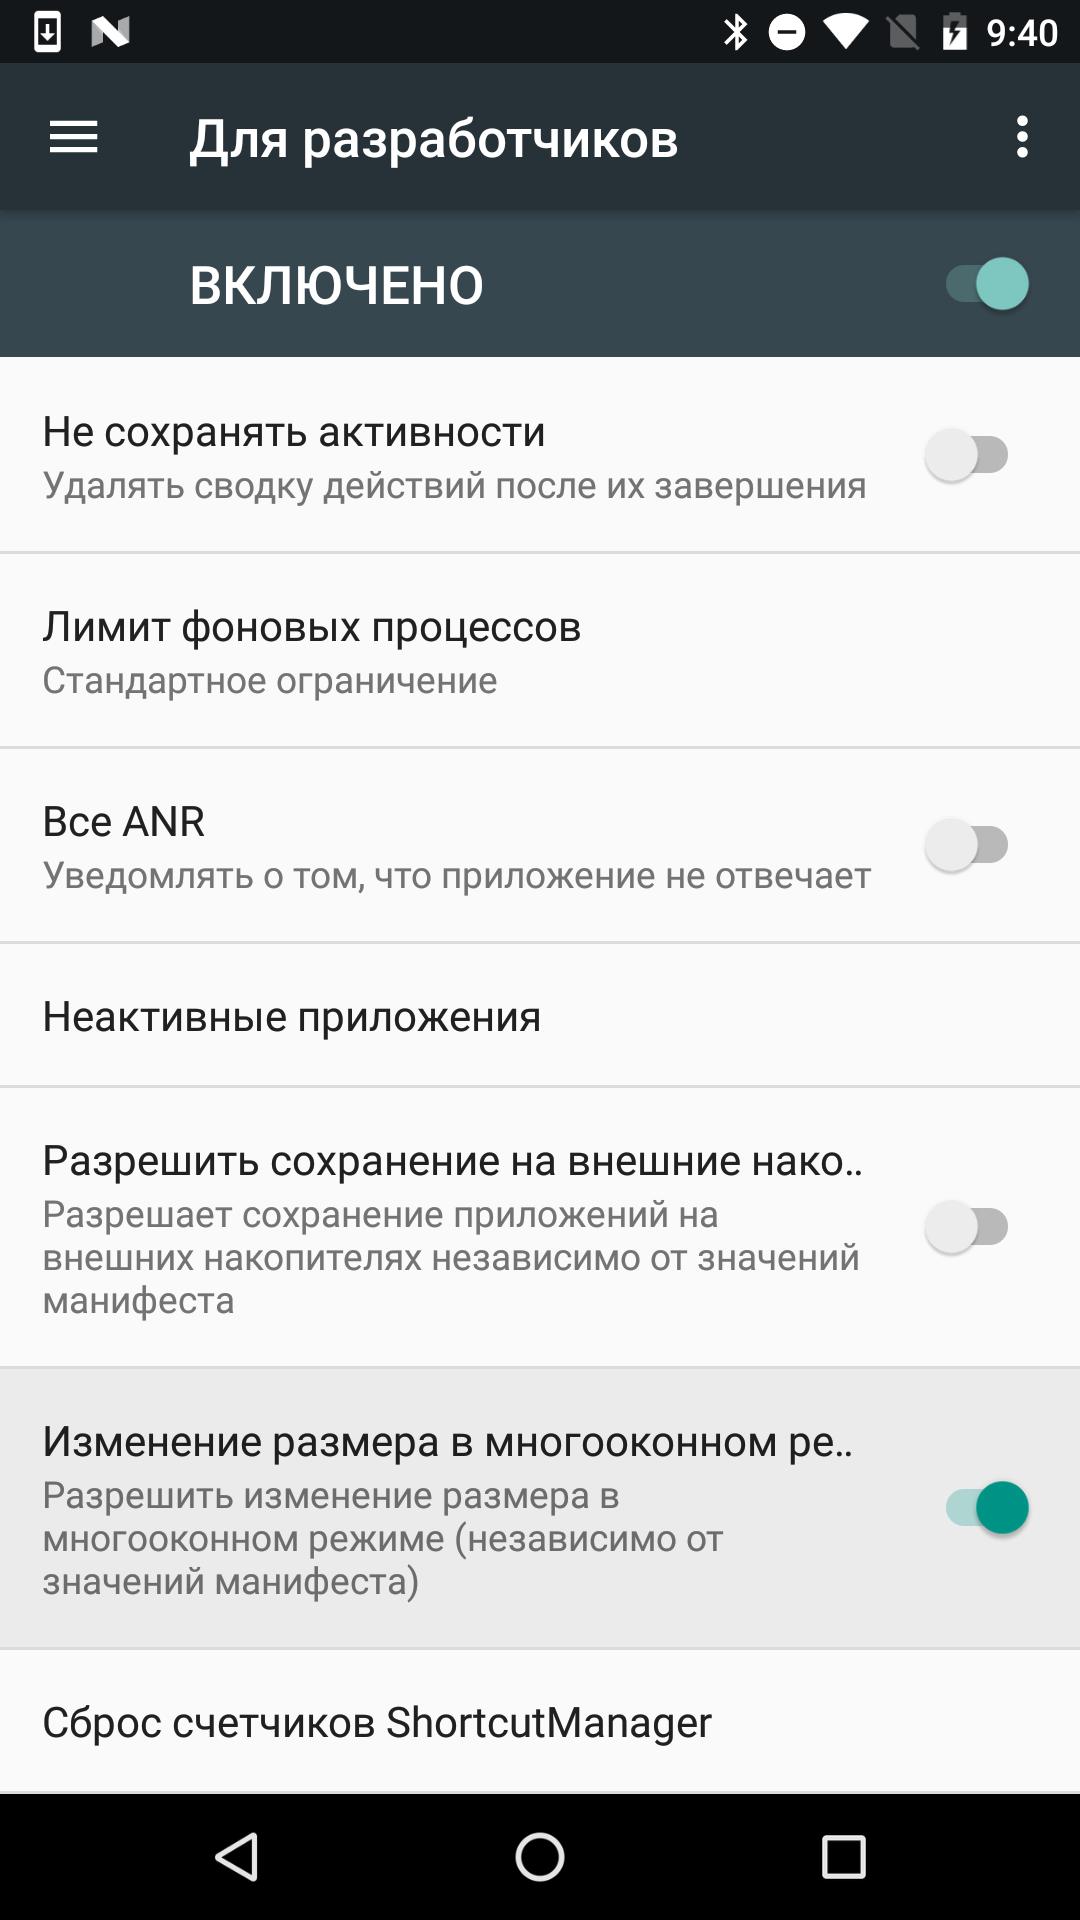 Как клонировать приложение на андроид, как сделать, создать 36